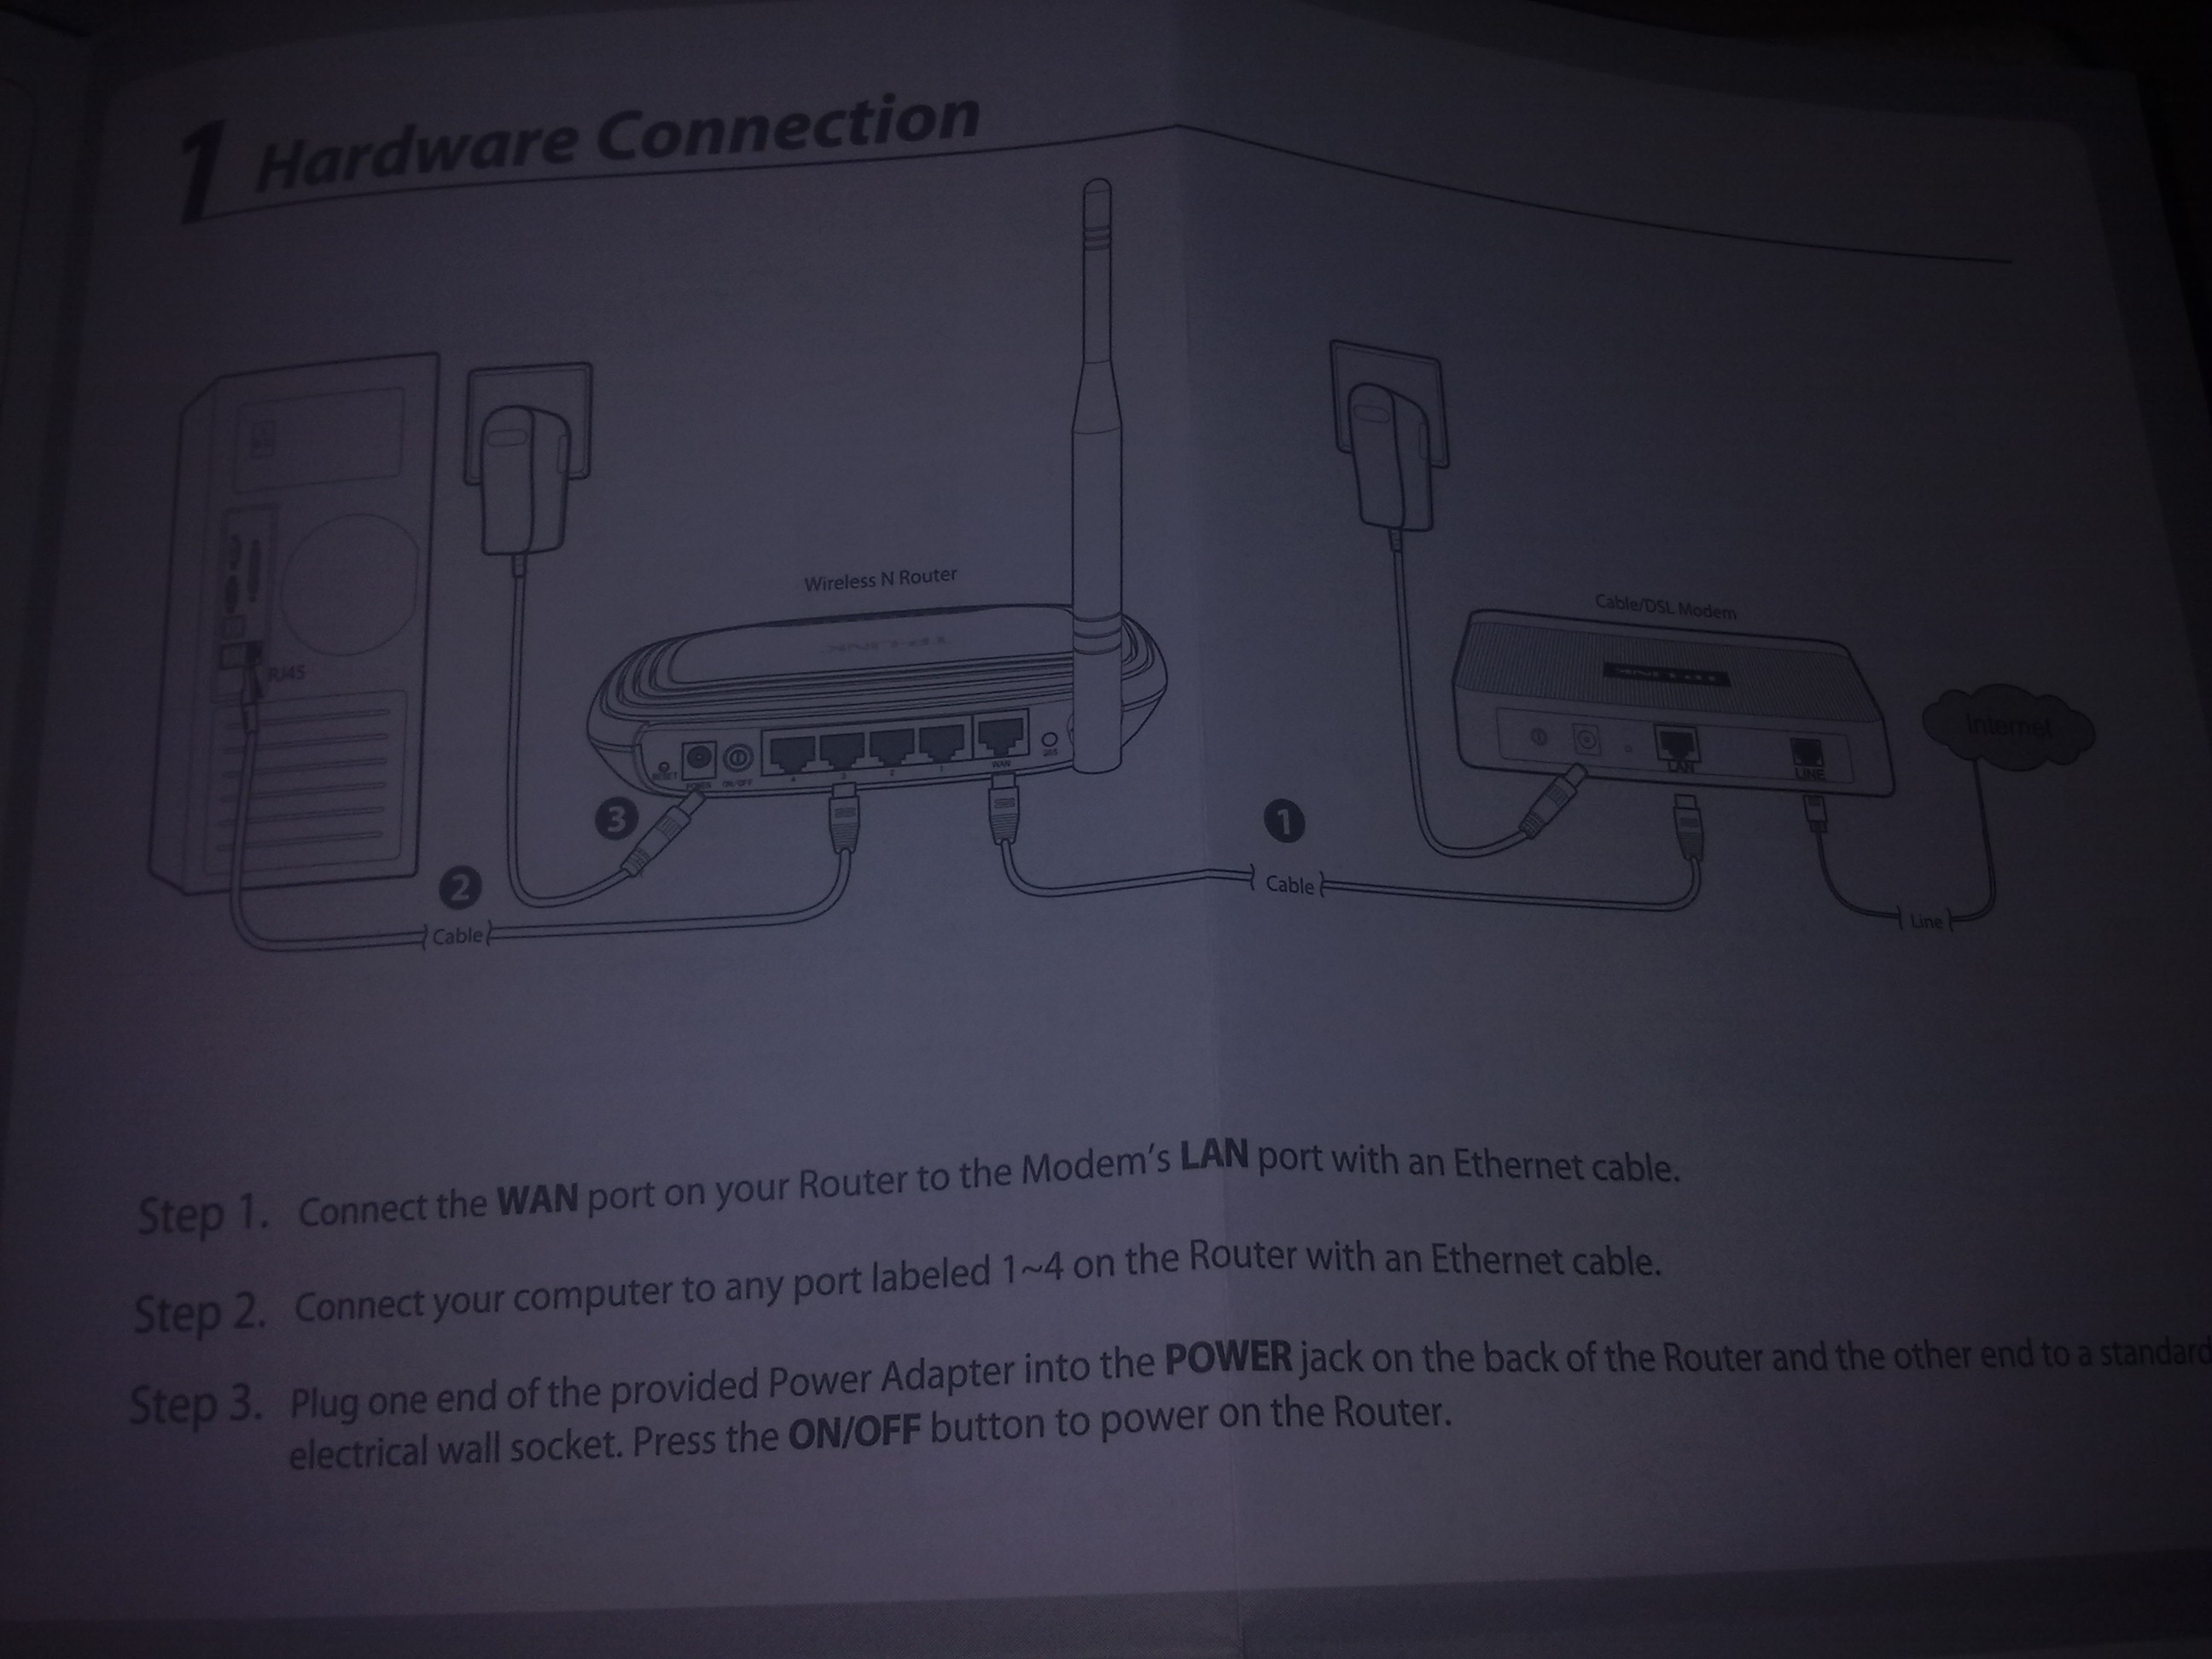 TP-Link WR740n - Jak przeprowadzi� instalacje routera?